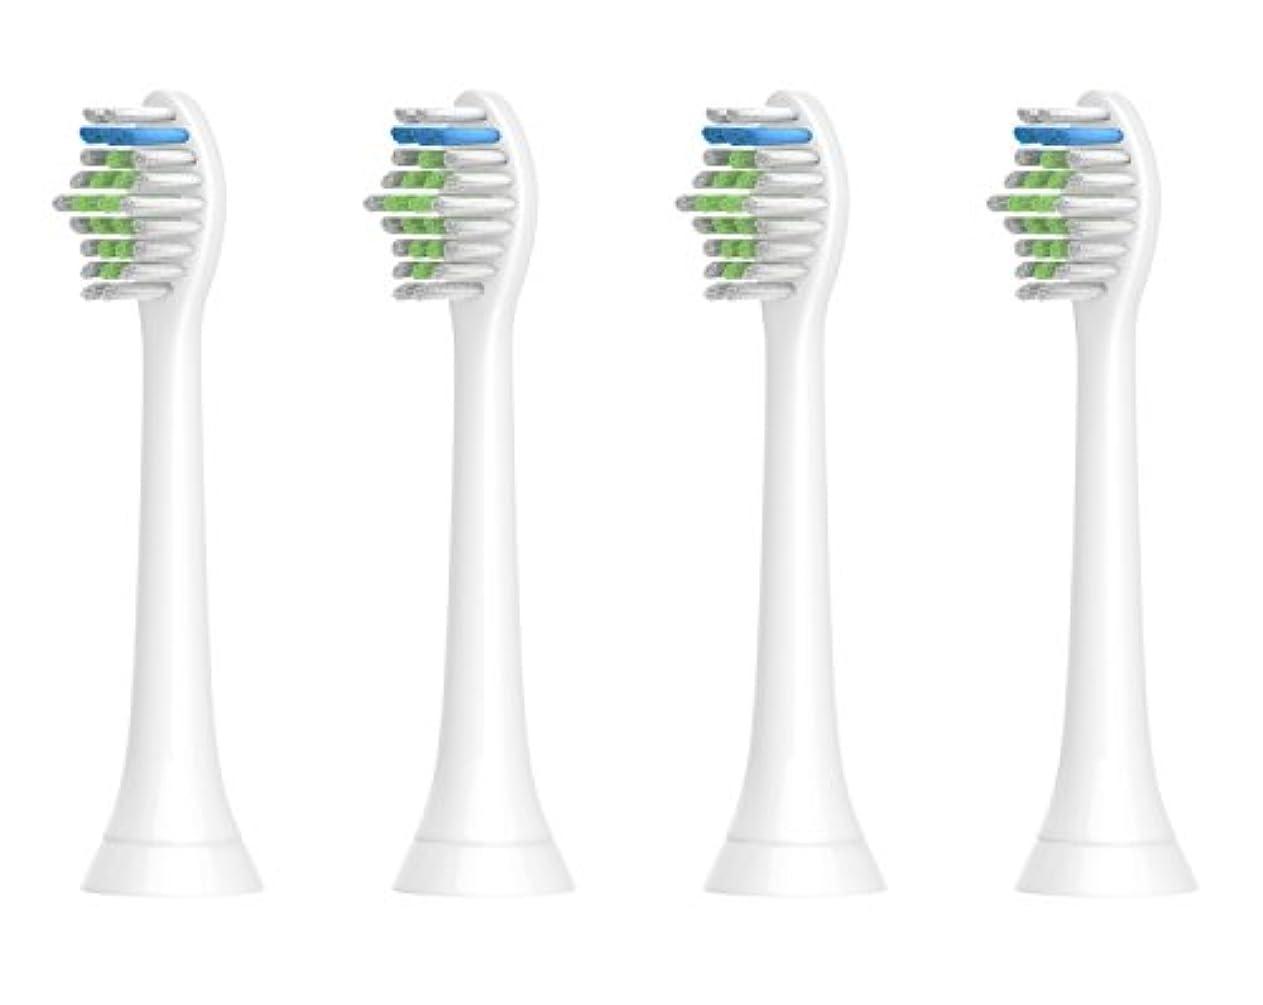 ジョージスティーブンソン橋回想互換 ソニマート 互換ブラシ フィリップス ソニッケアー 電動歯ブラシ 替ブラシ 対応 ダイヤモンドクリーン イージークリーン プロテクティブクリーン など互換性とミニ 4本